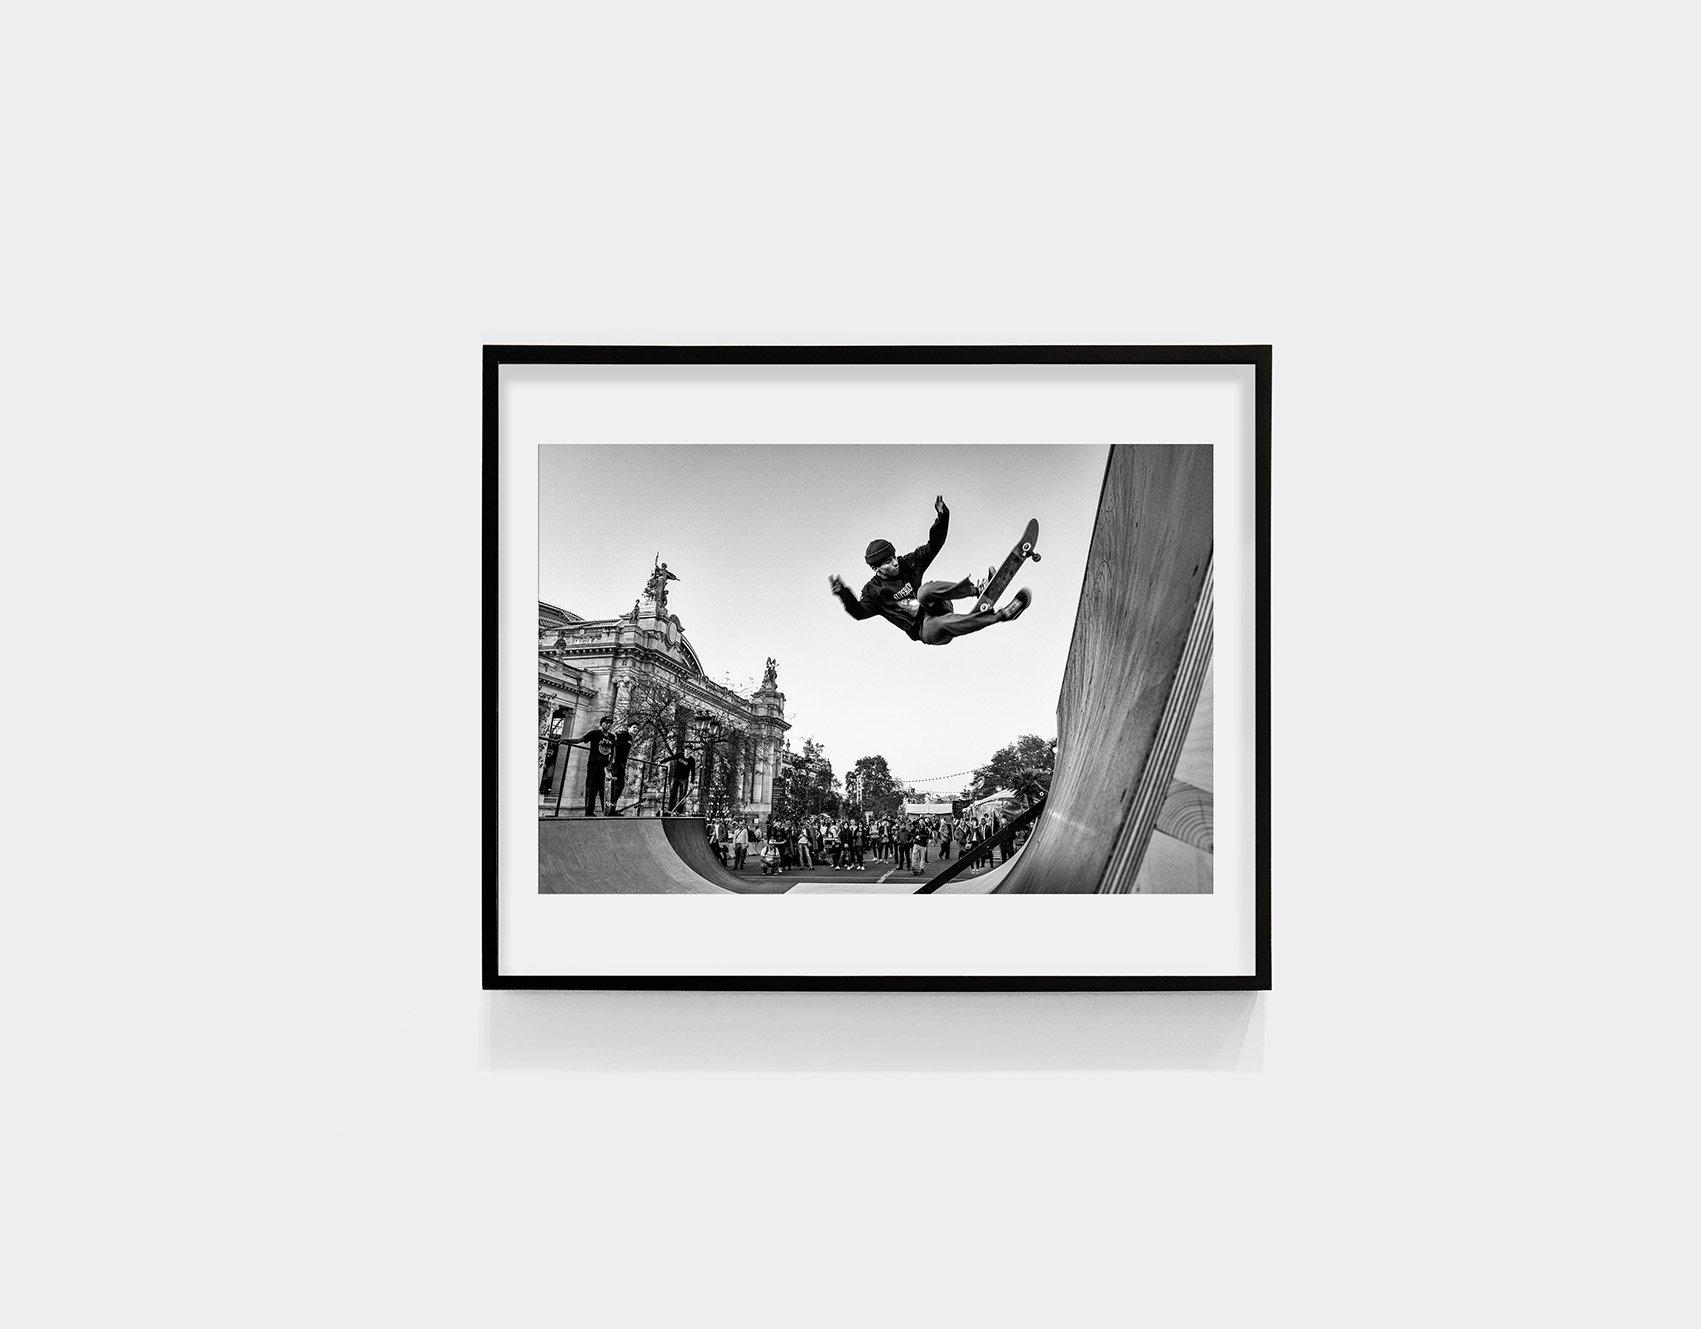 Tirage_Laurent_Delhourme_Le_Grand-Palais-2